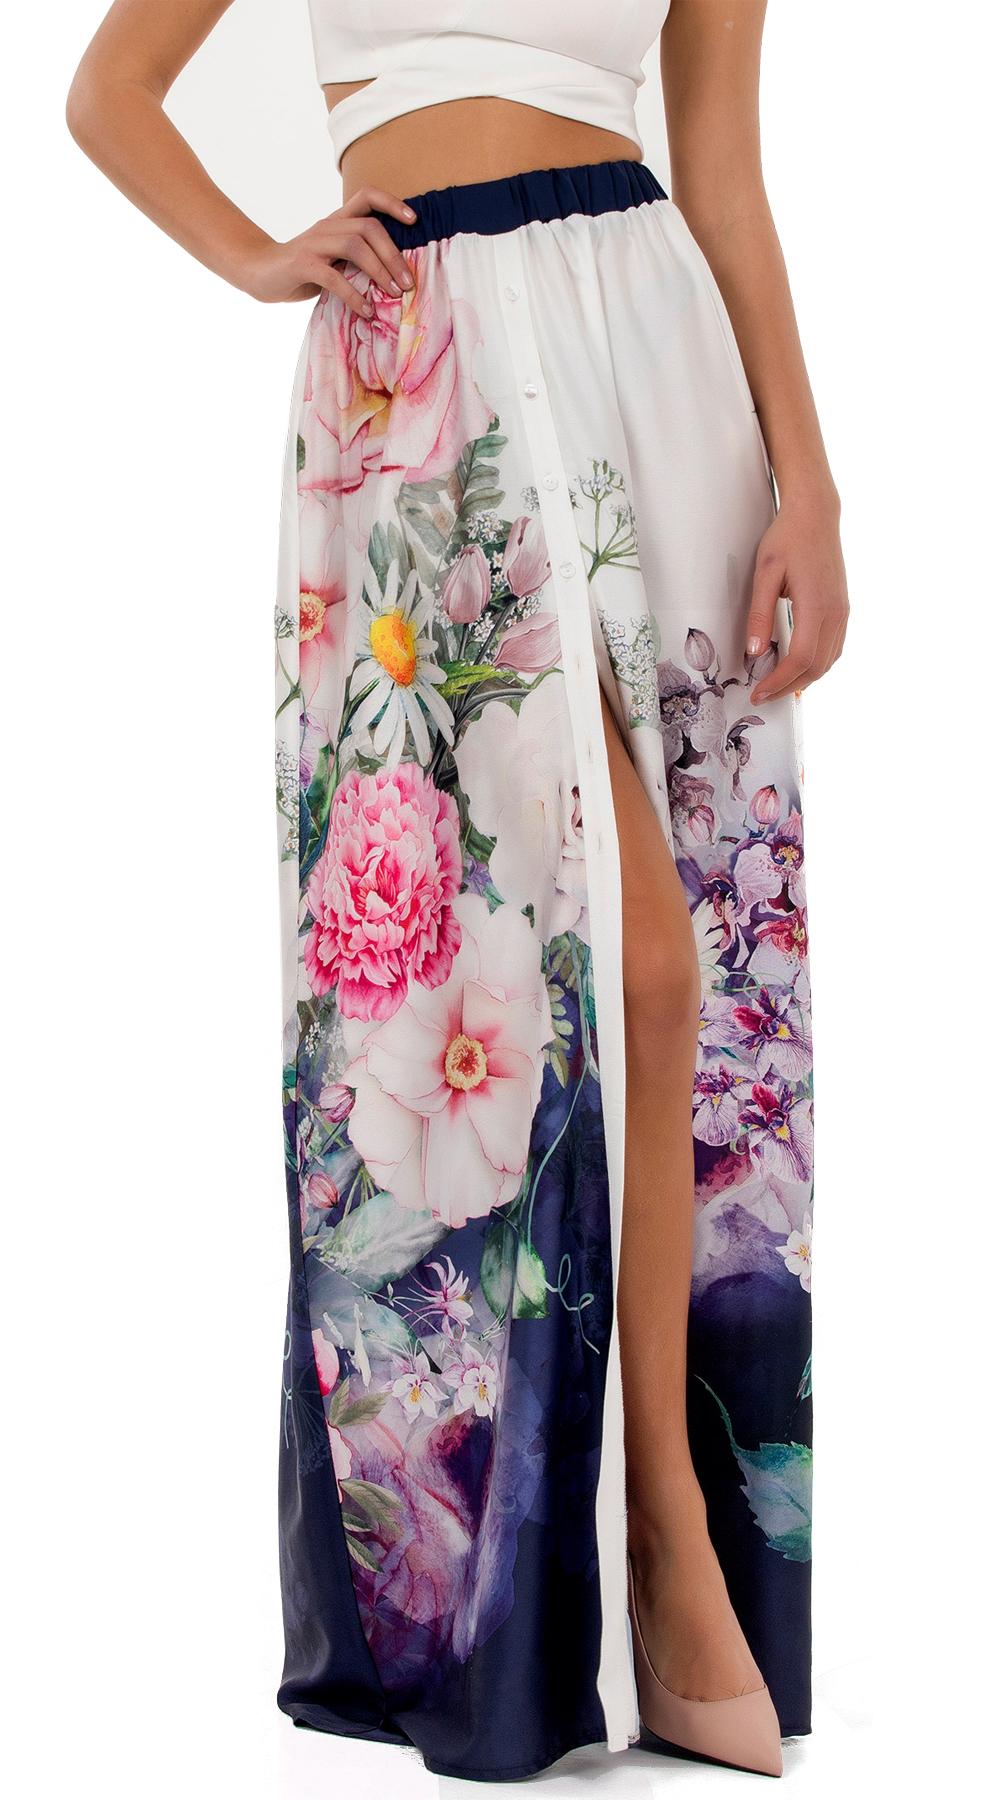 Μάξι φούστα φλοράλ με κουμπιά Online - ONLINE - SP18ON-36104 top trends boho style